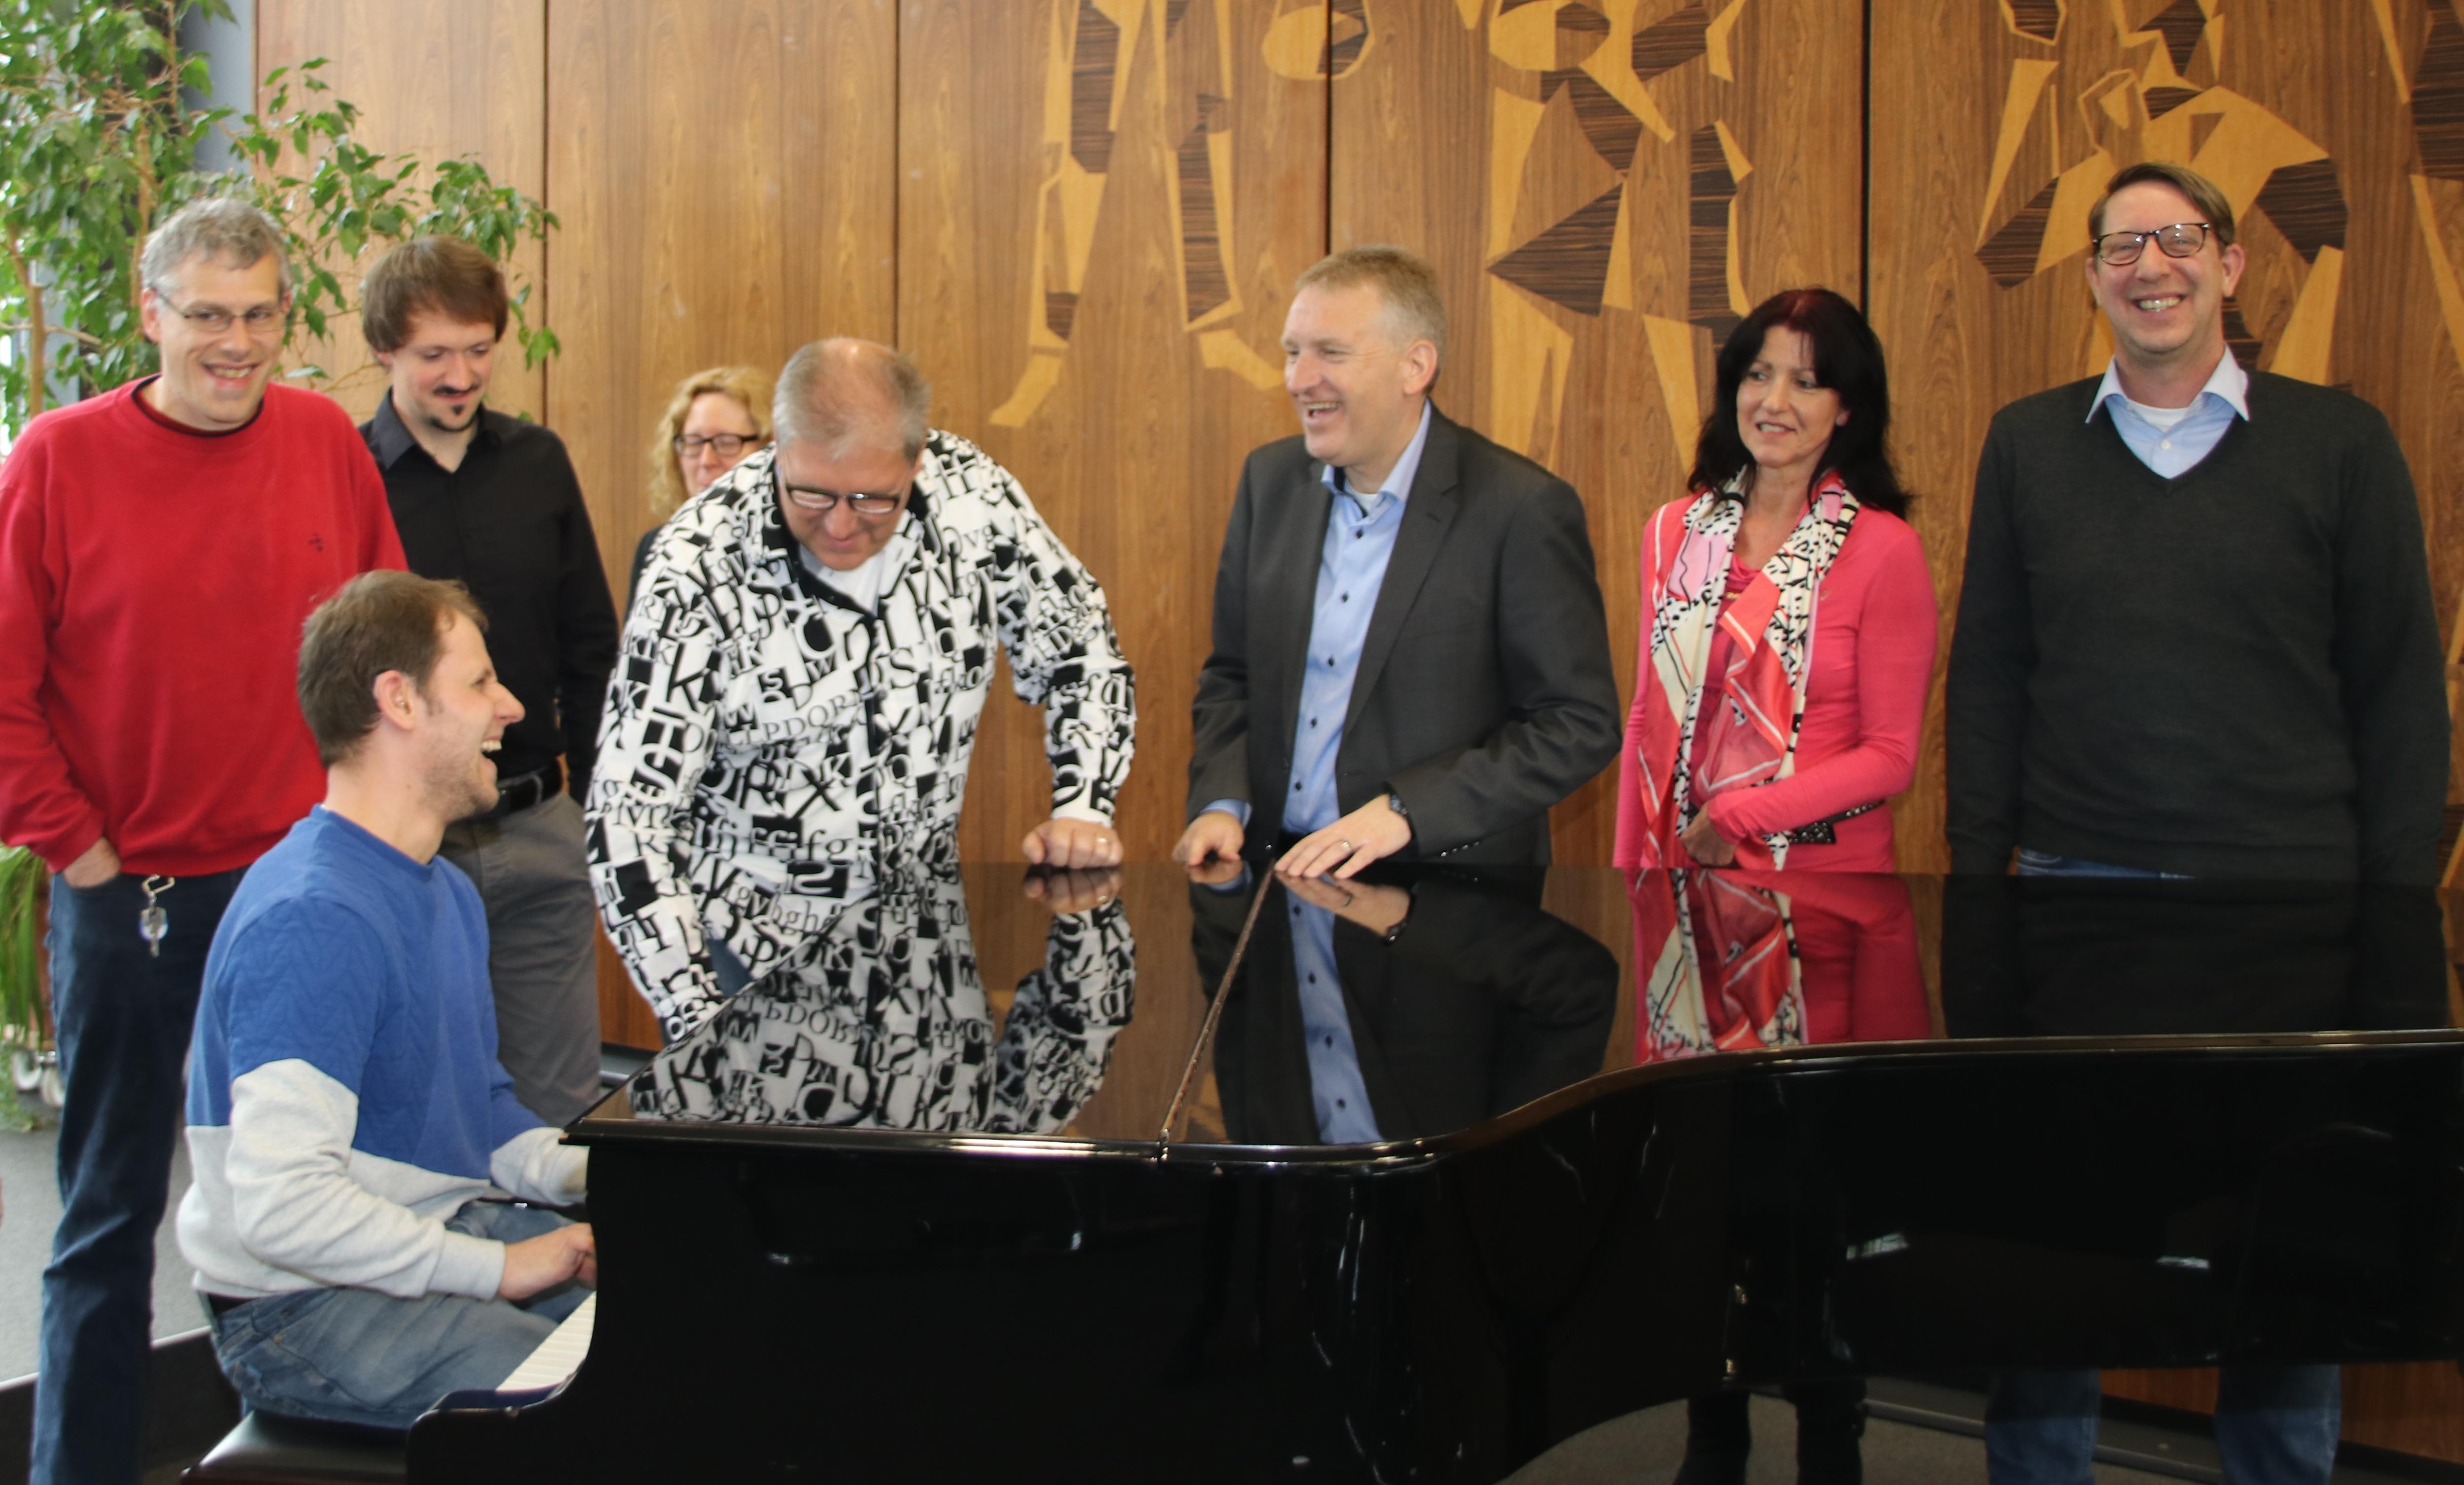 Bei der Pressemitteilung wird spontan ein Lied gesungen und am Klavier begleitet.